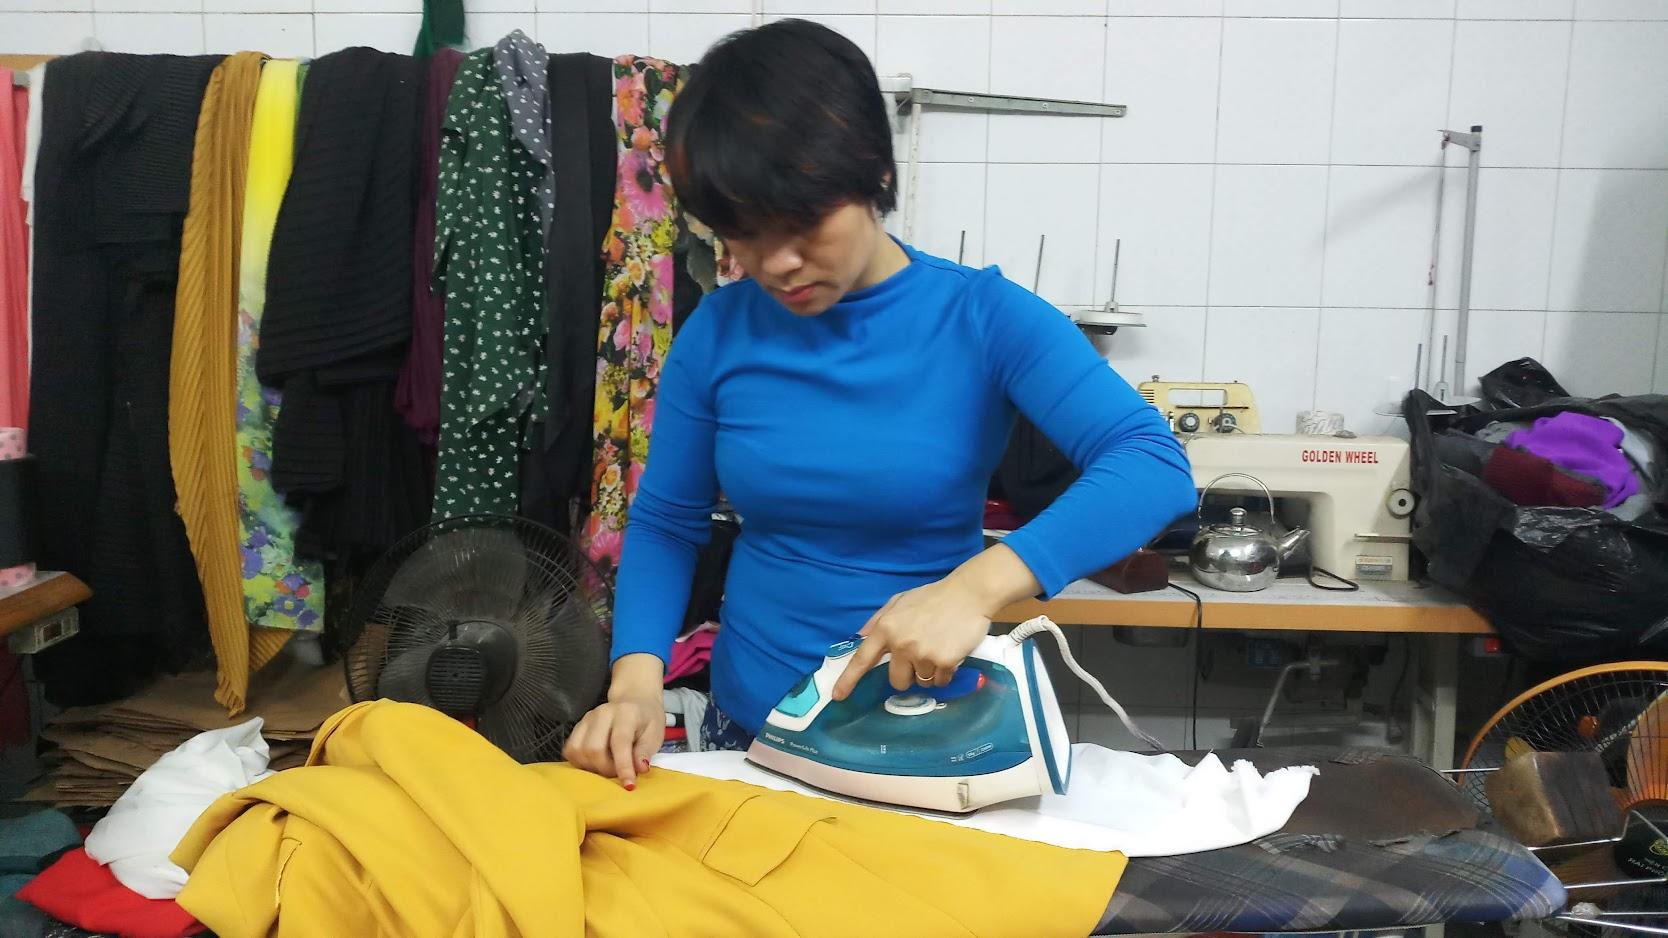 Cách là Áo vest nữ bị nhăn khi giặt khô ở cửa hàng về thời trang thủy